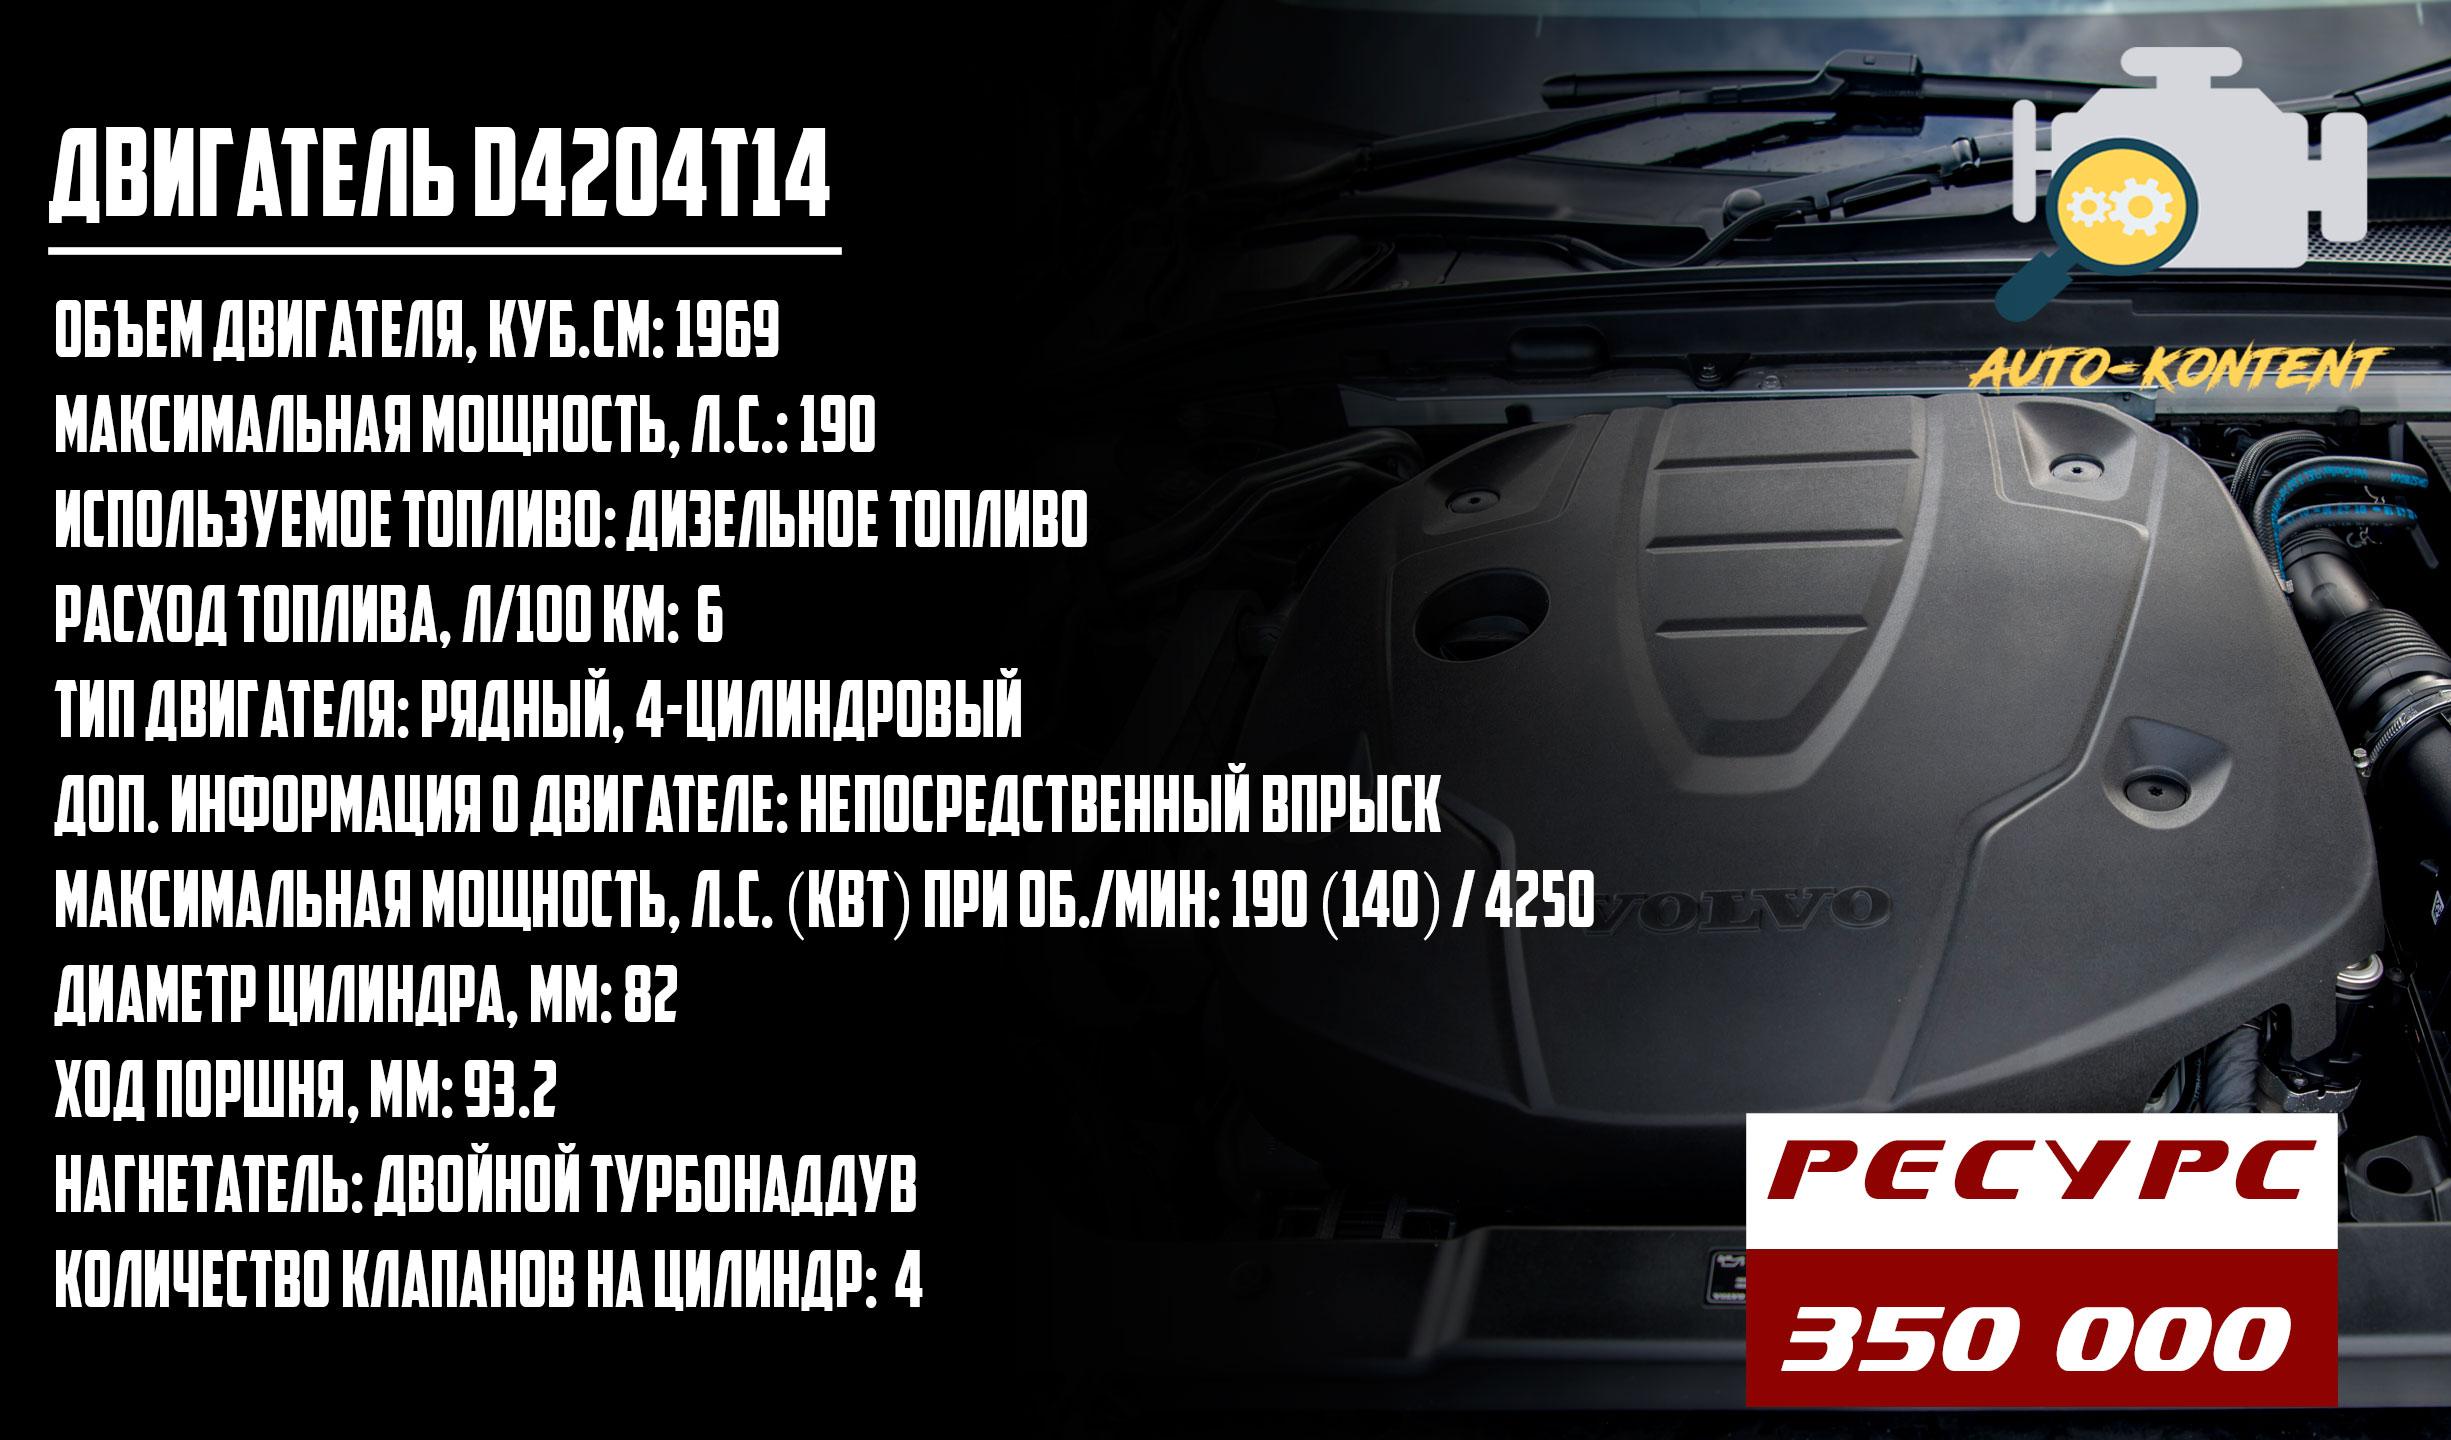 D4204T14